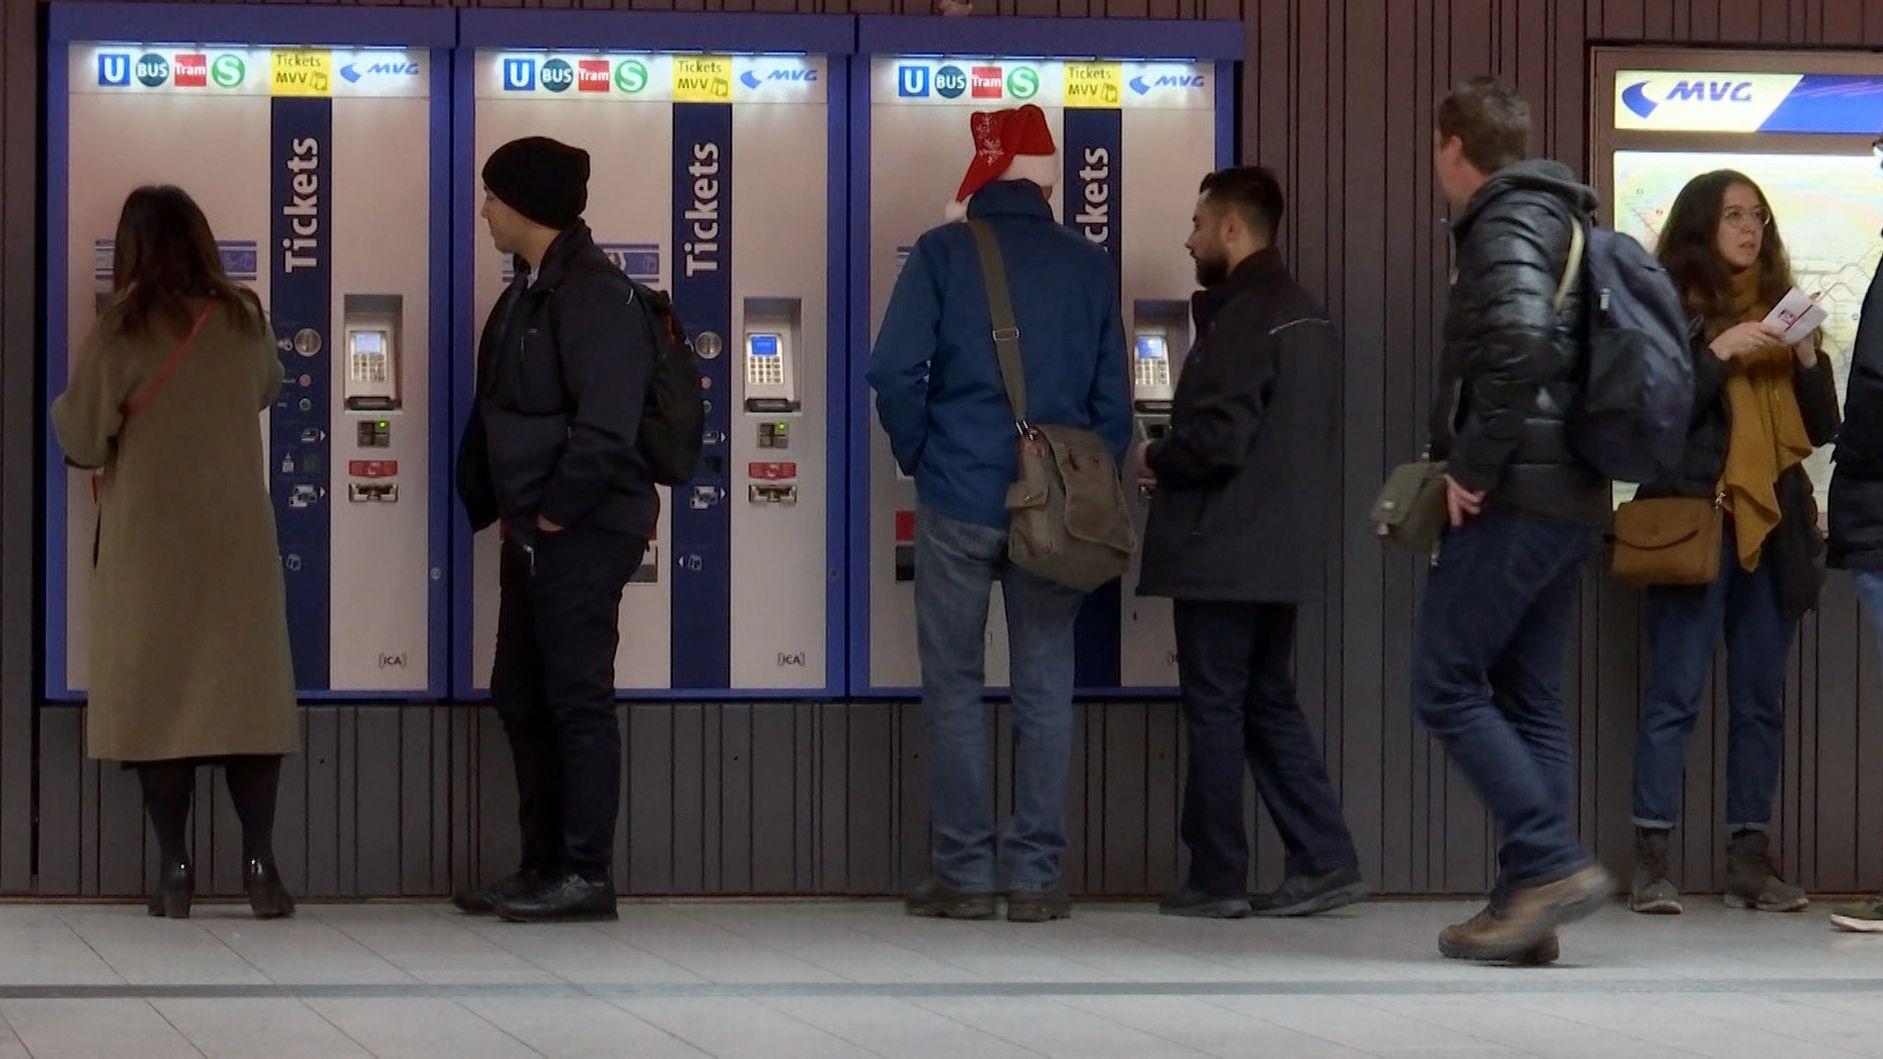 Menschen vor MVV-Ticketautomaten